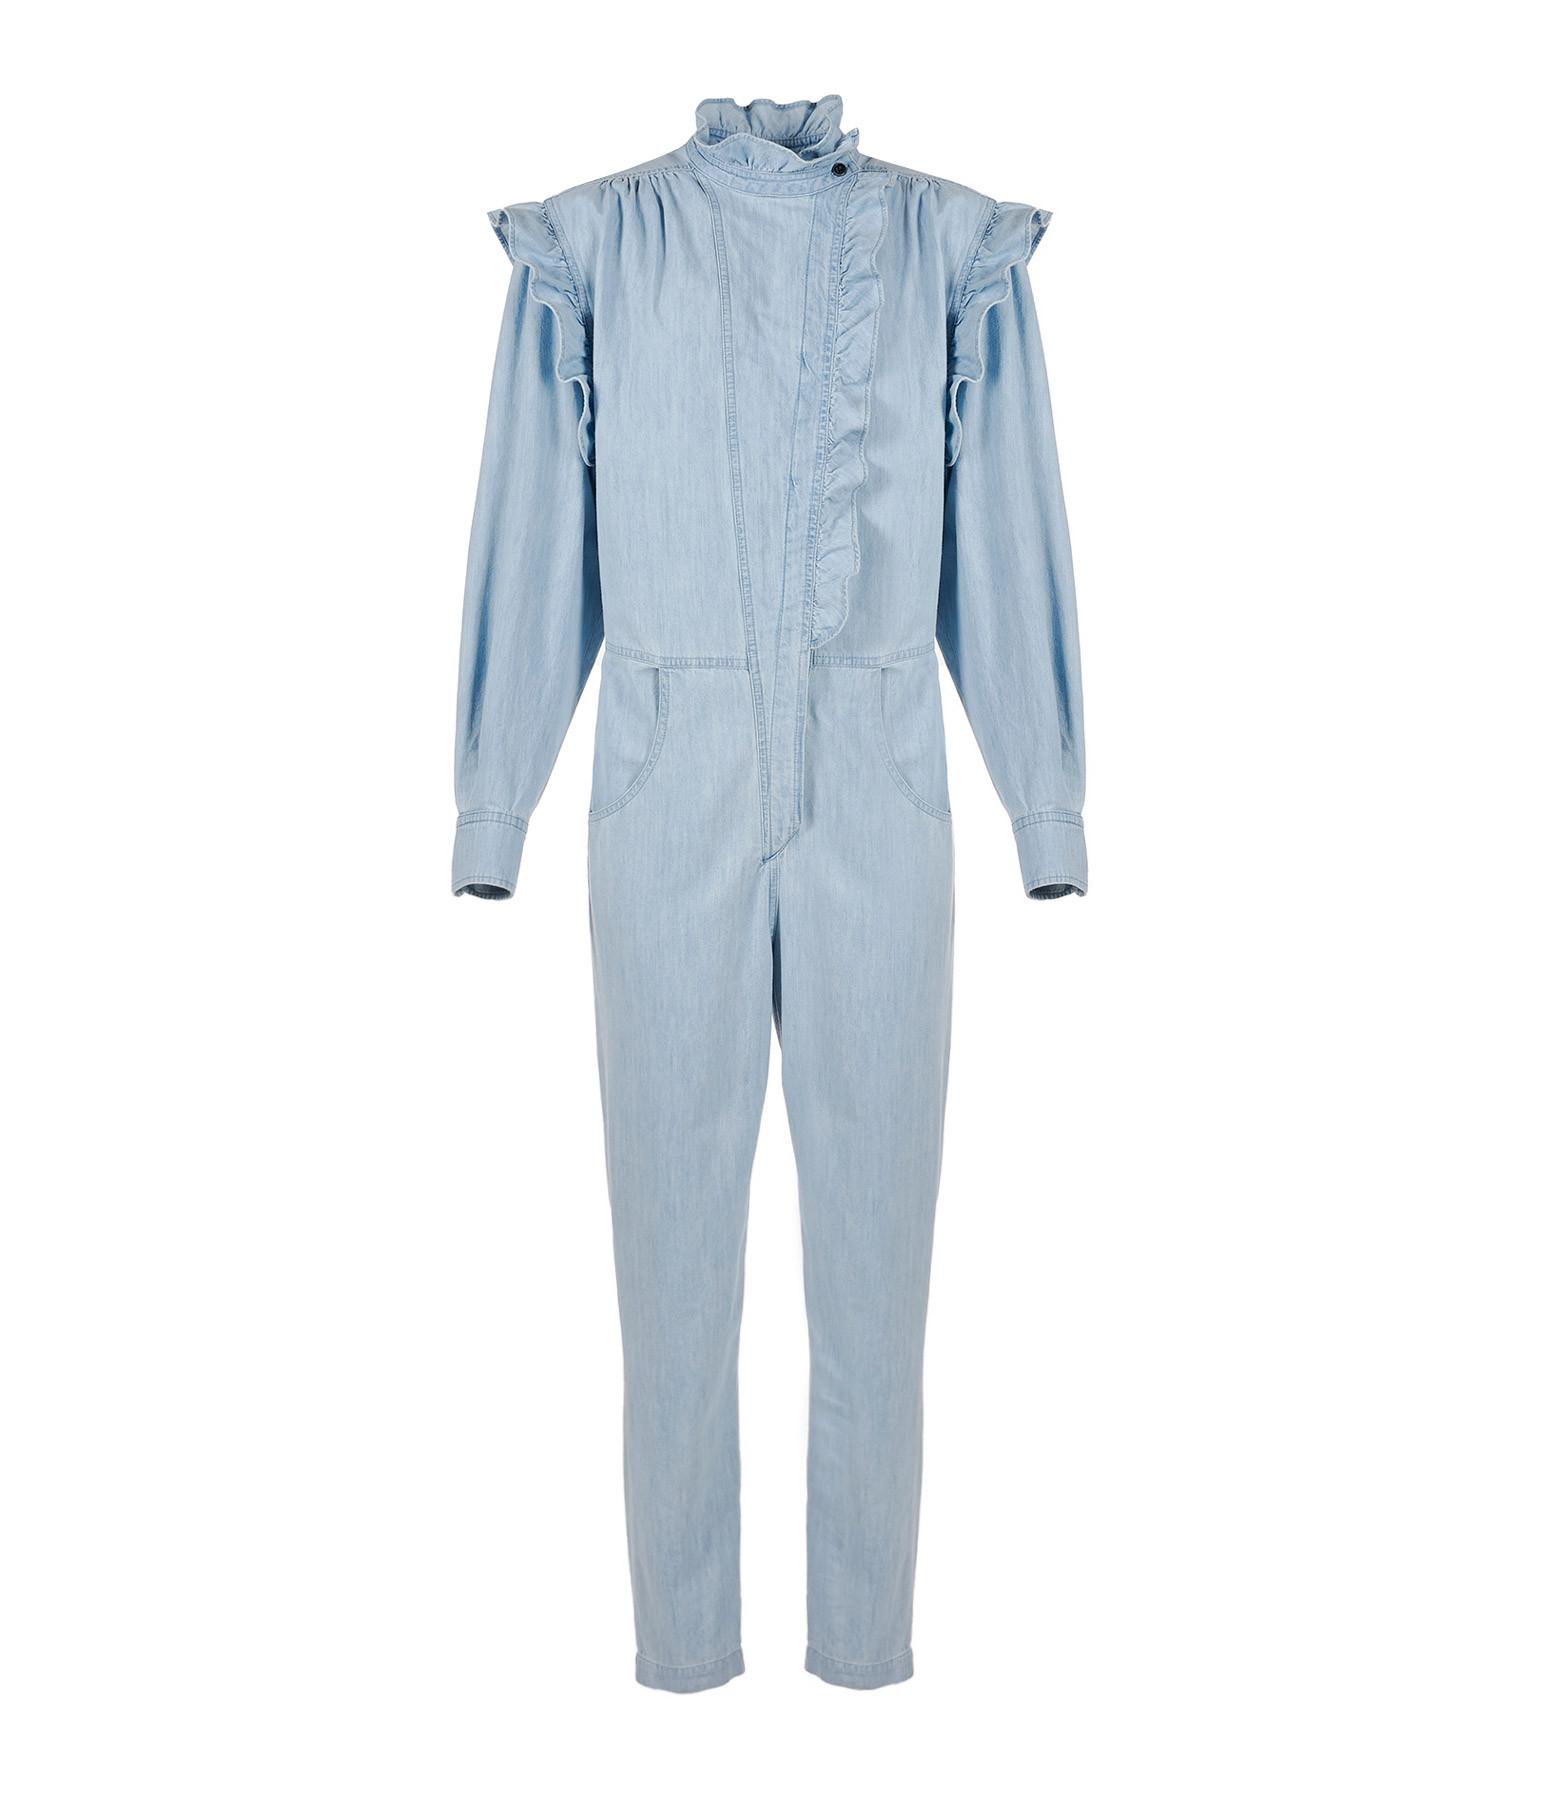 ISABEL MARANT ÉTOILE - Combinaison Gayle Coton Bleu Clair